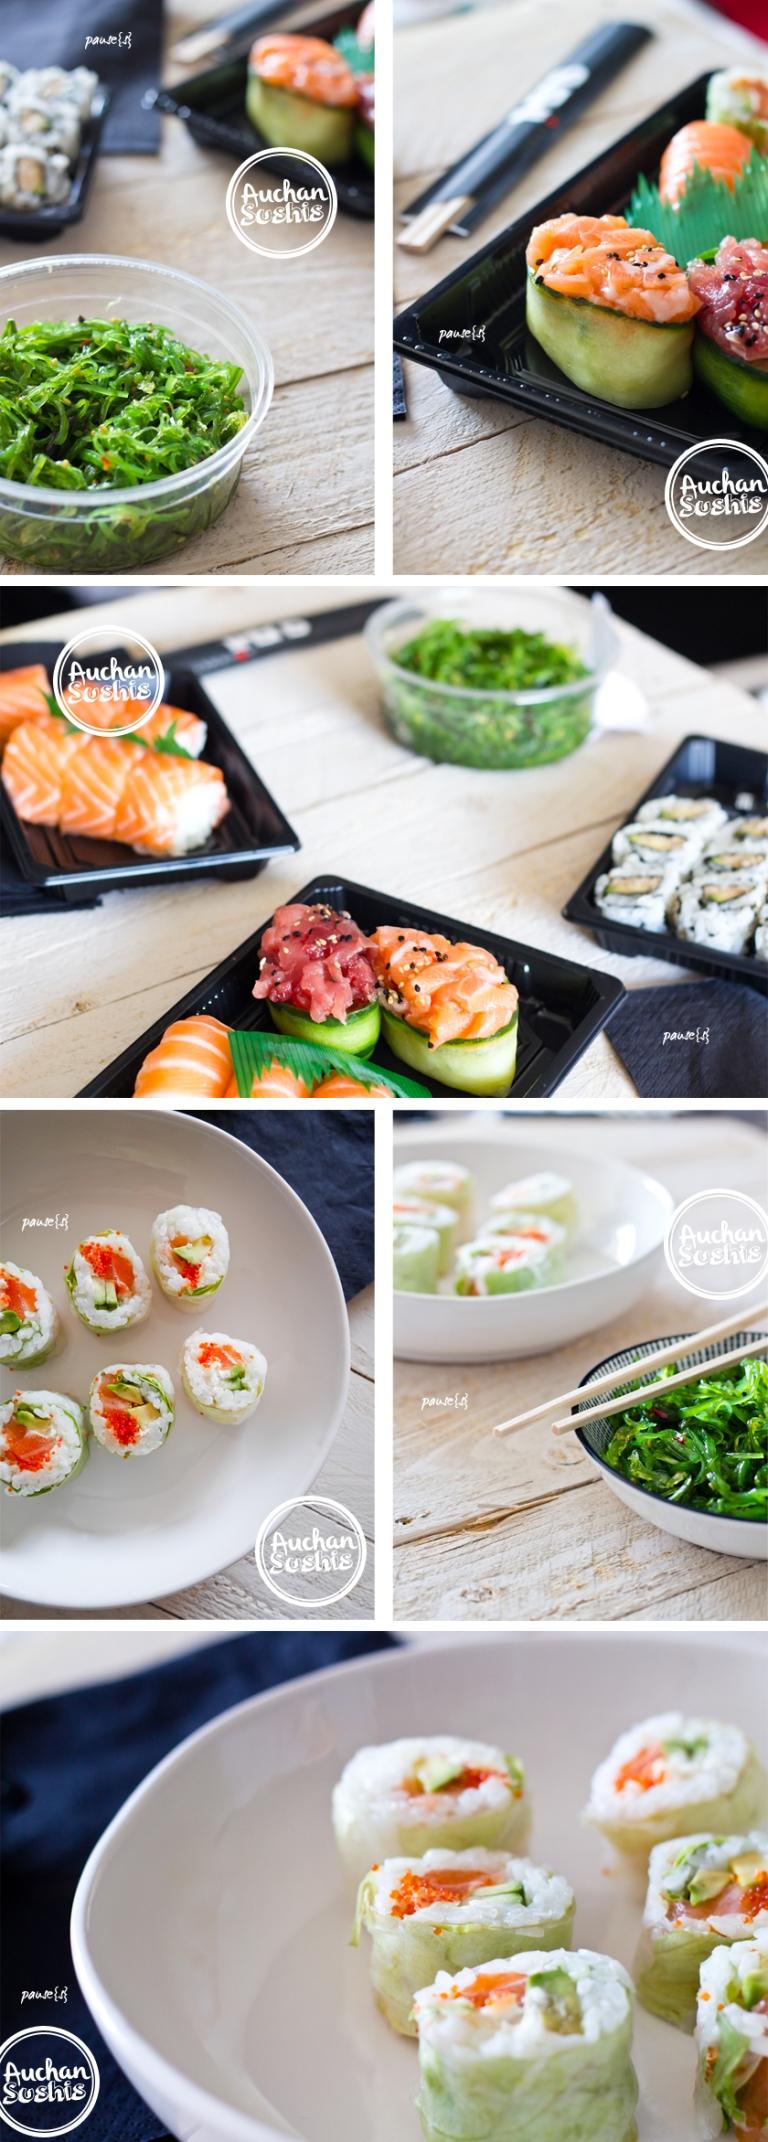 auchan-sushis-3